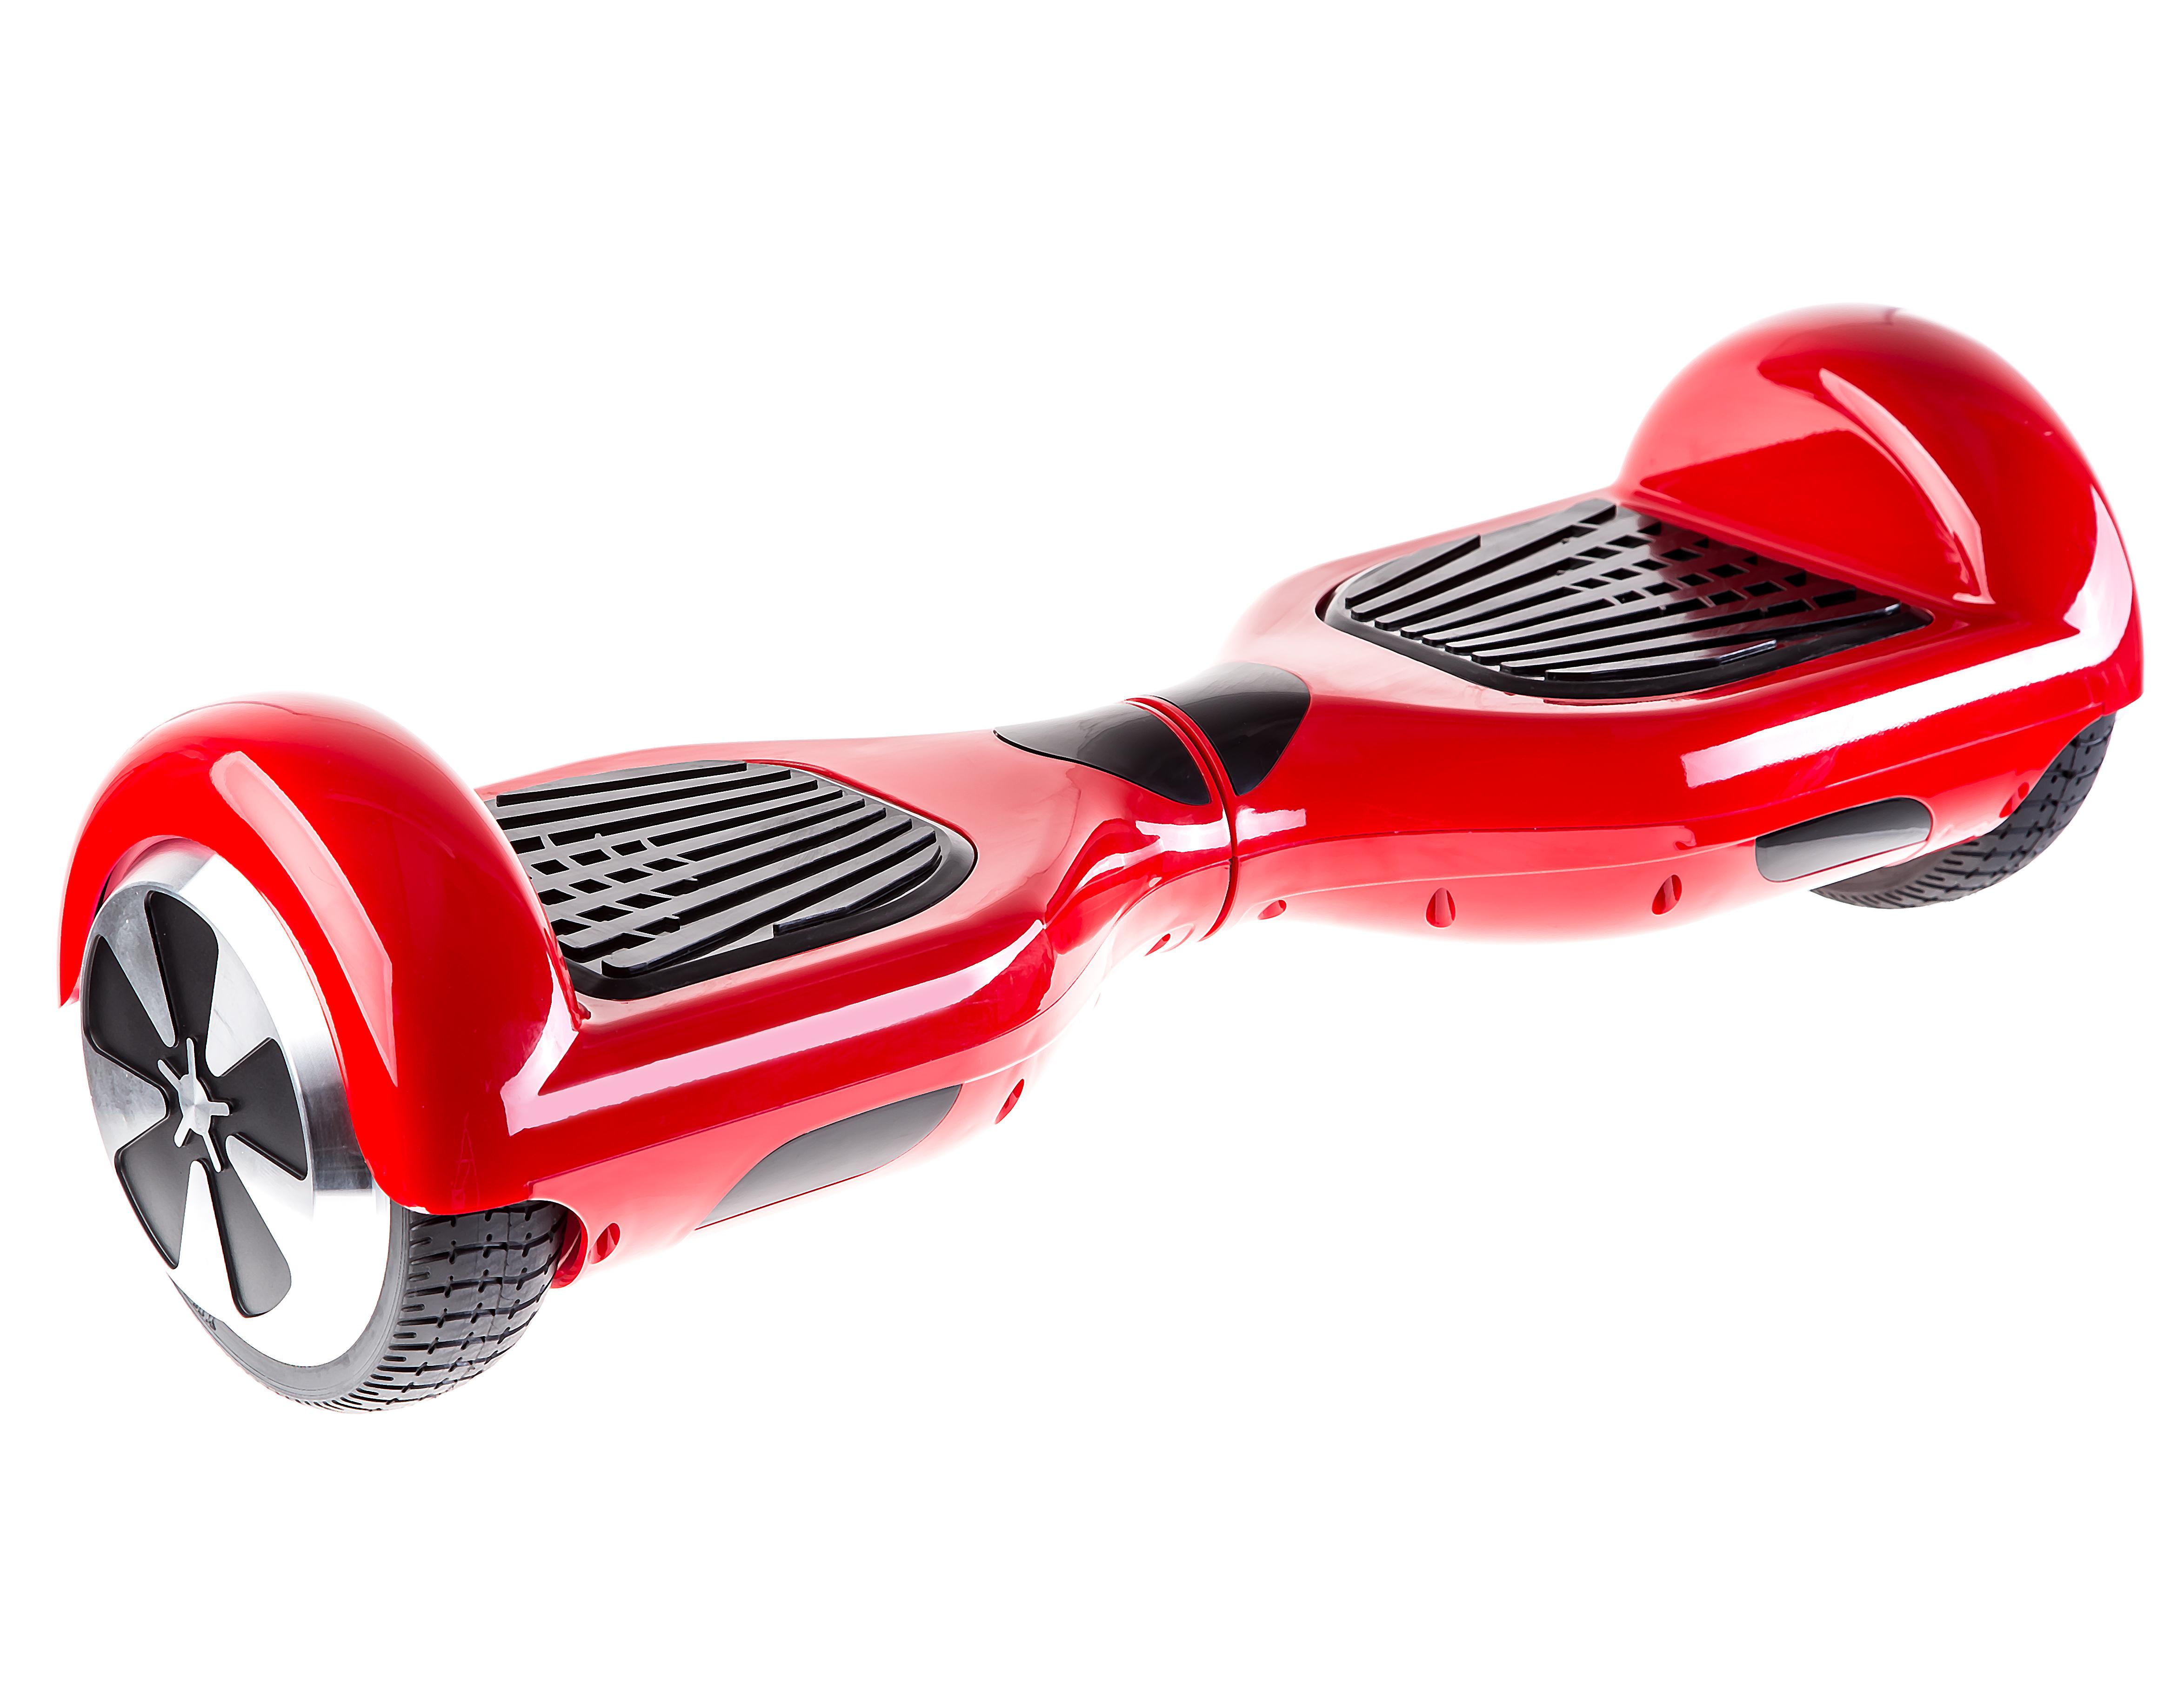 Гироскутер Superbsail Slx-001/6,5 красный